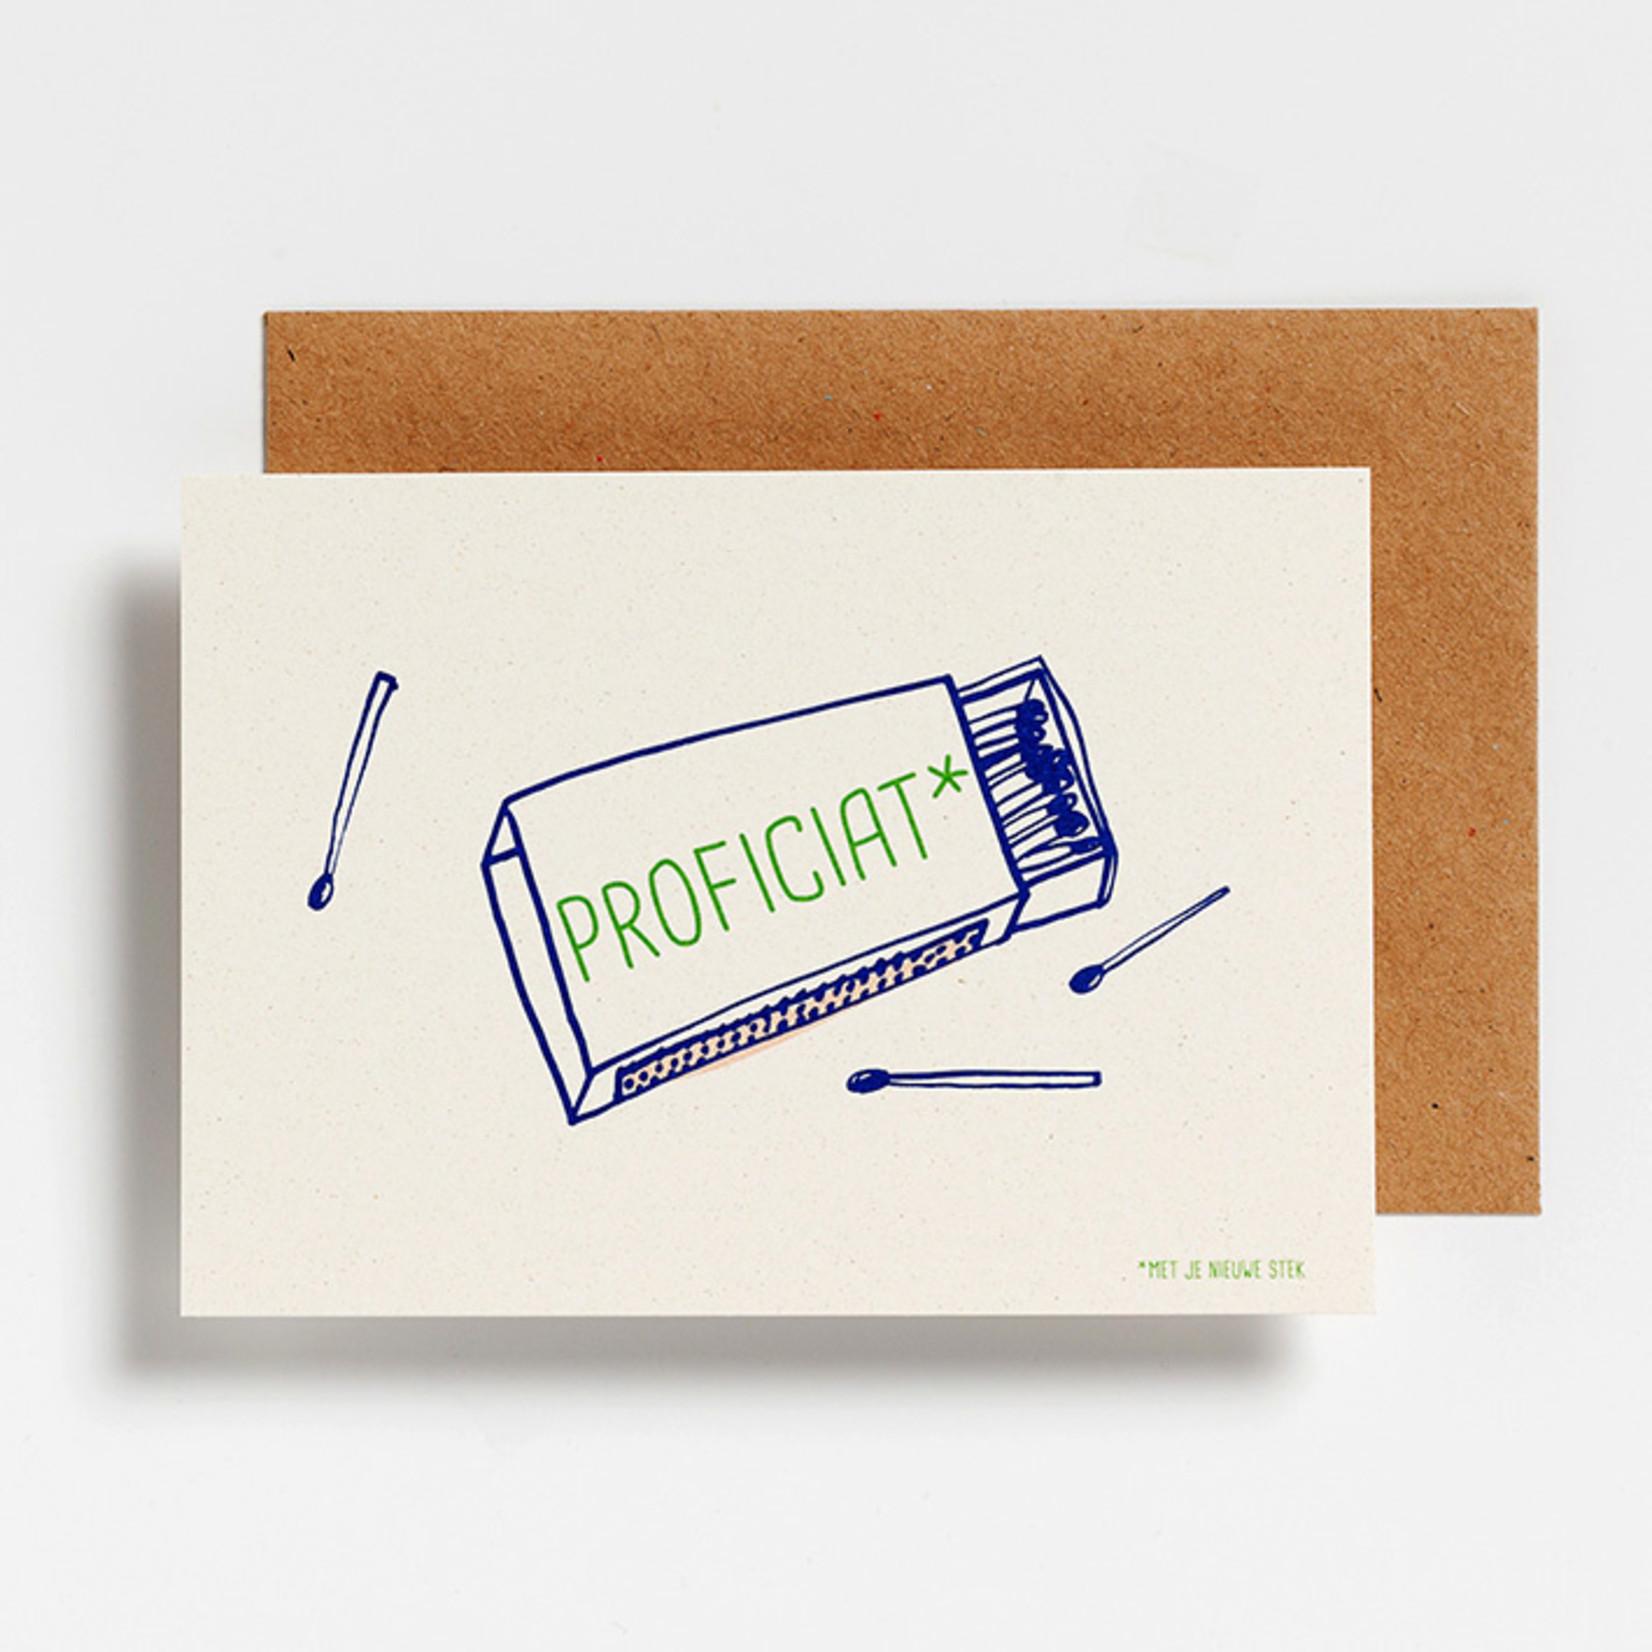 Postkaart - Proficiat nieuwe stek